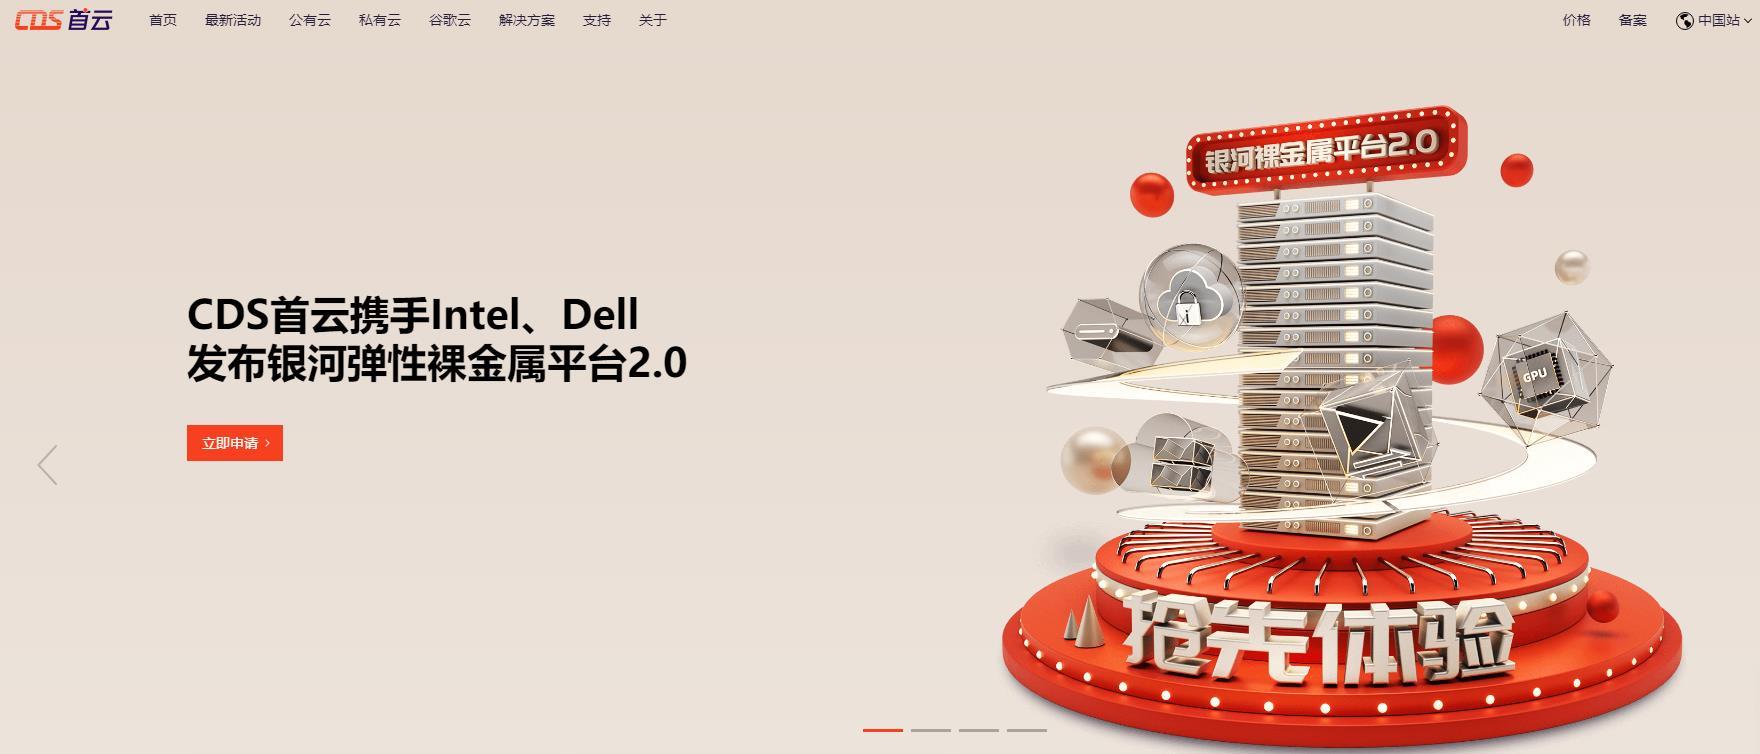 北京首都在线科技股份有